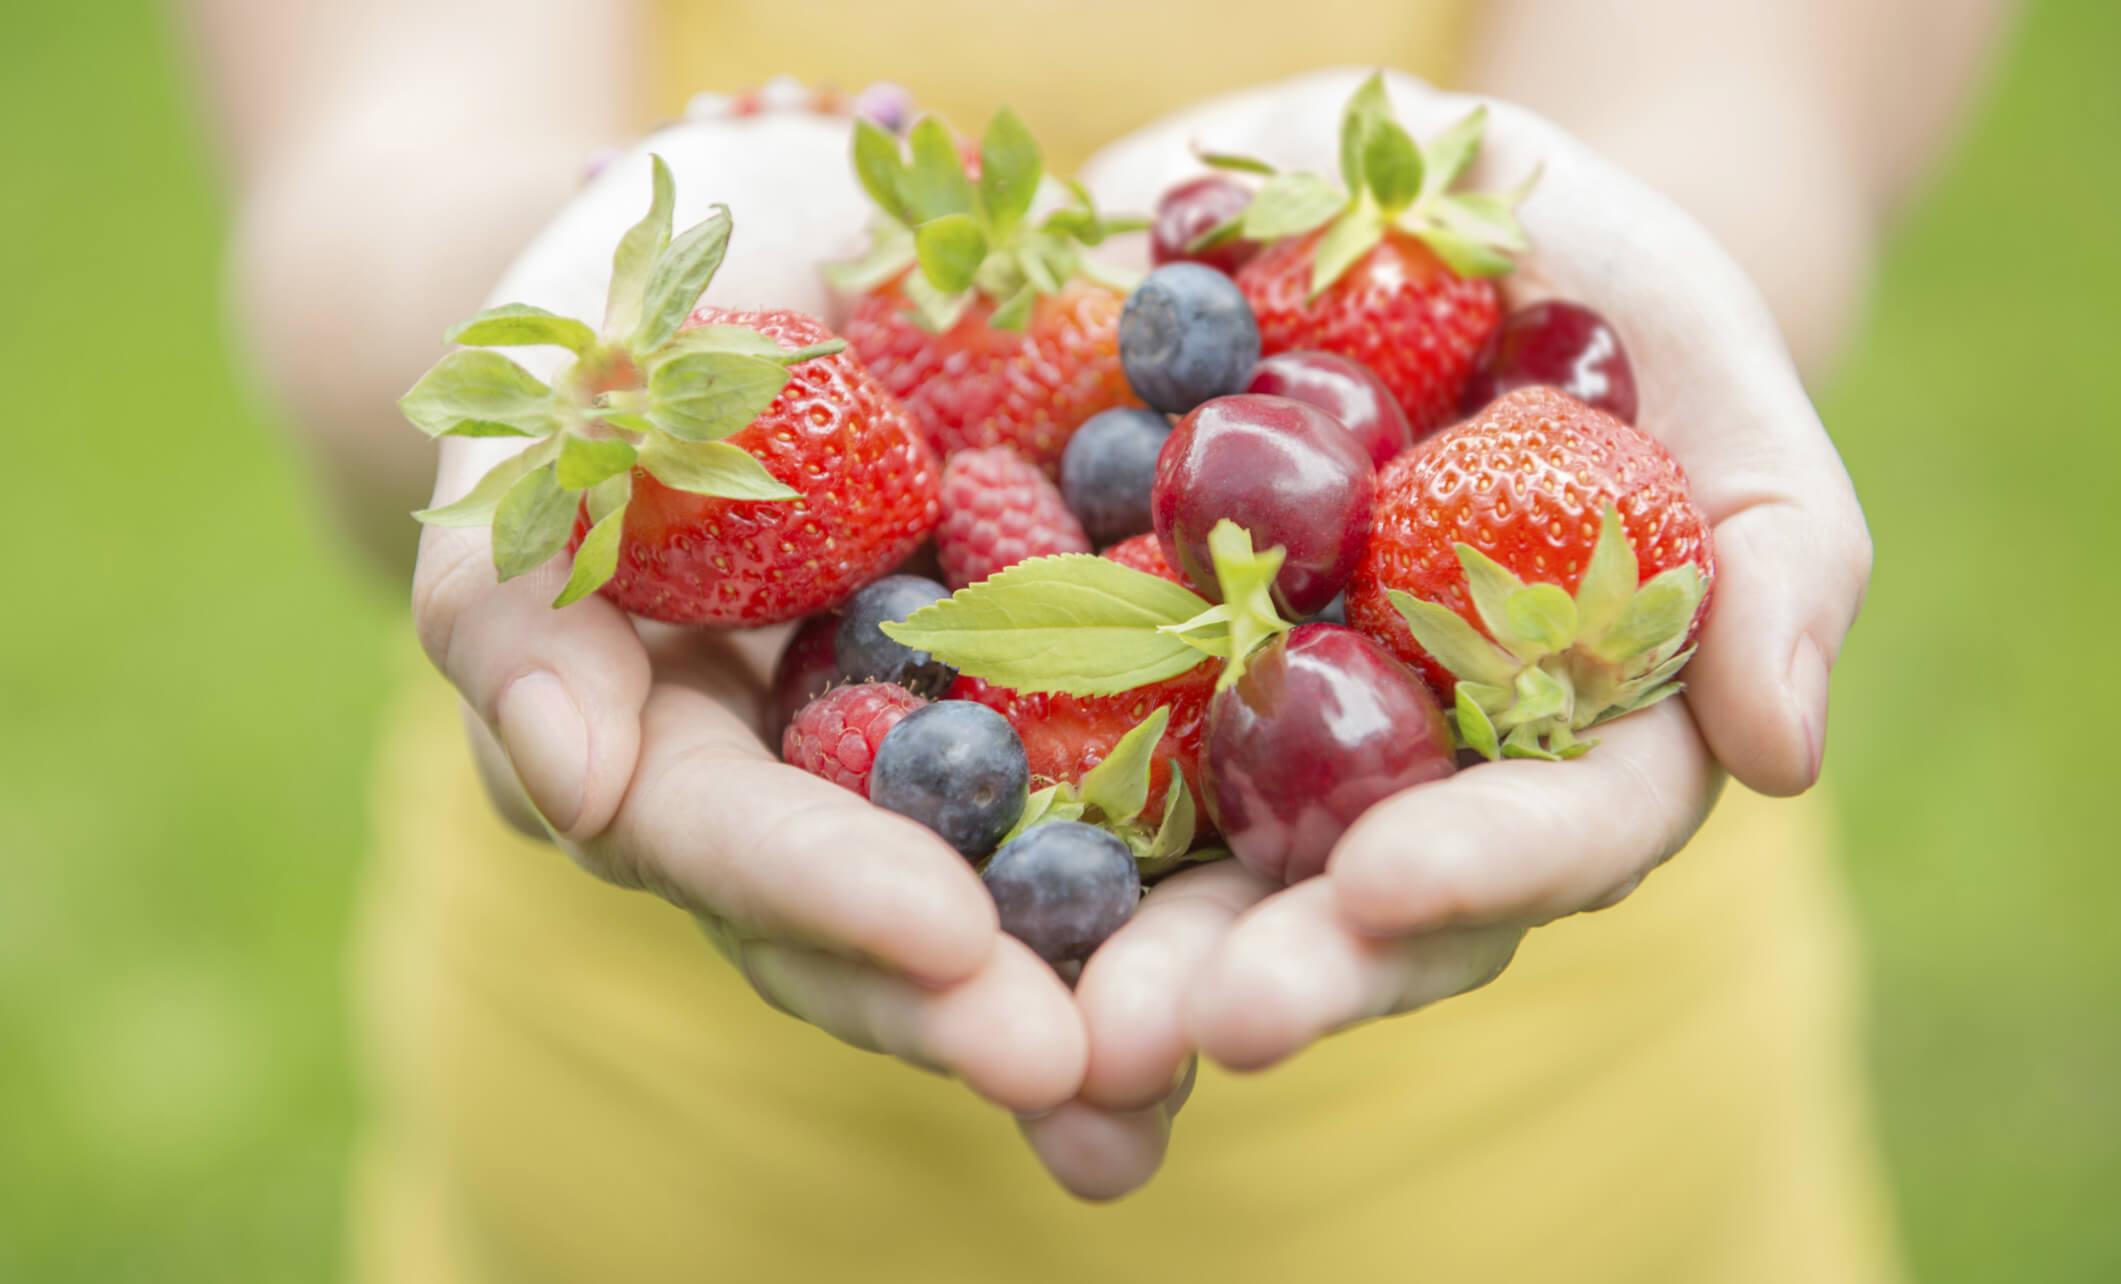 dossier compra sana y saludable